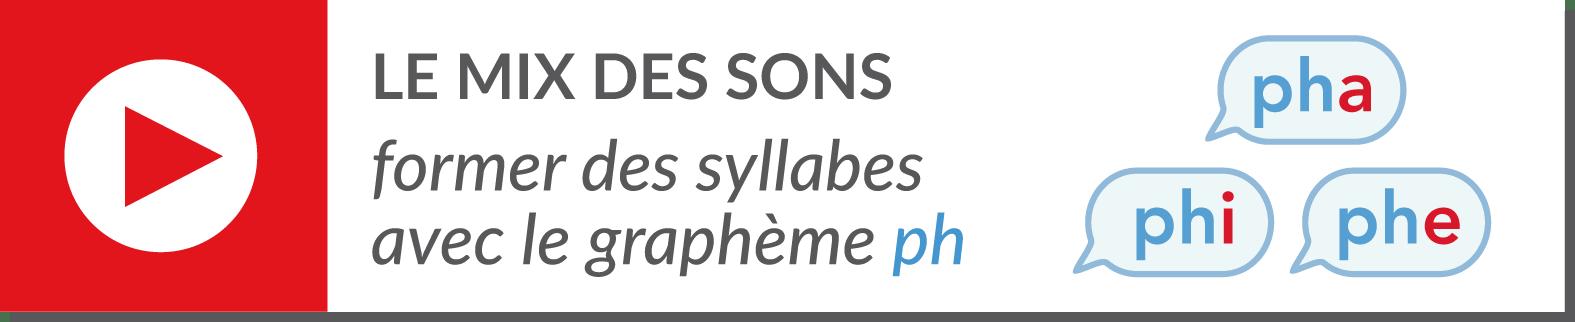 lecture de syllabes - vidéo syllabes - graphème ph son [f]